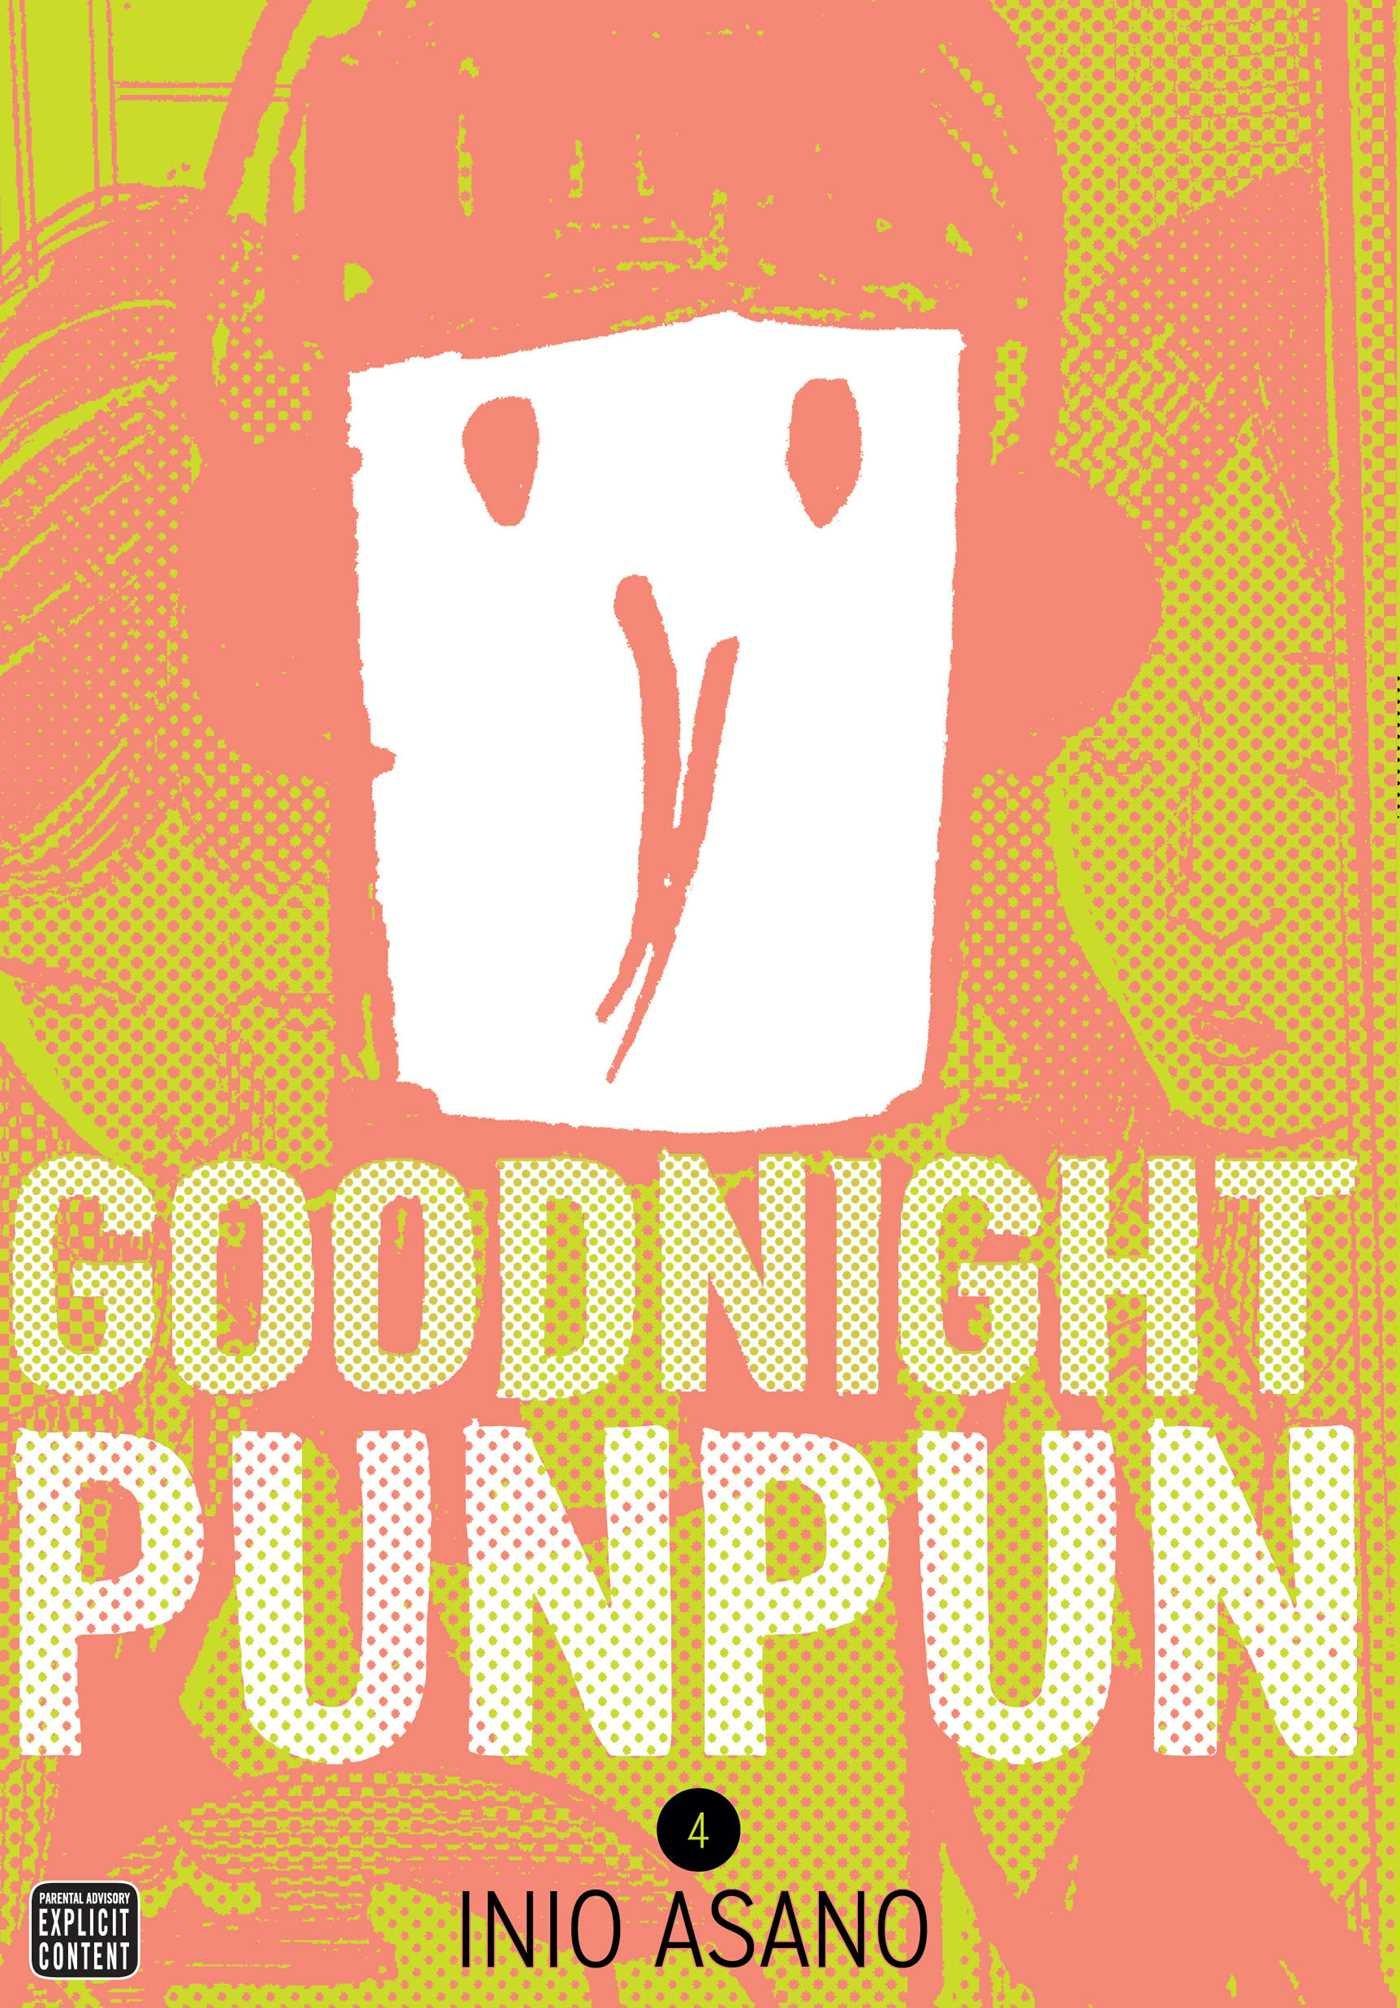 Oyasumi Punpun (Goodnight Punpun) manga vol 1 ile ilgili görsel sonucu